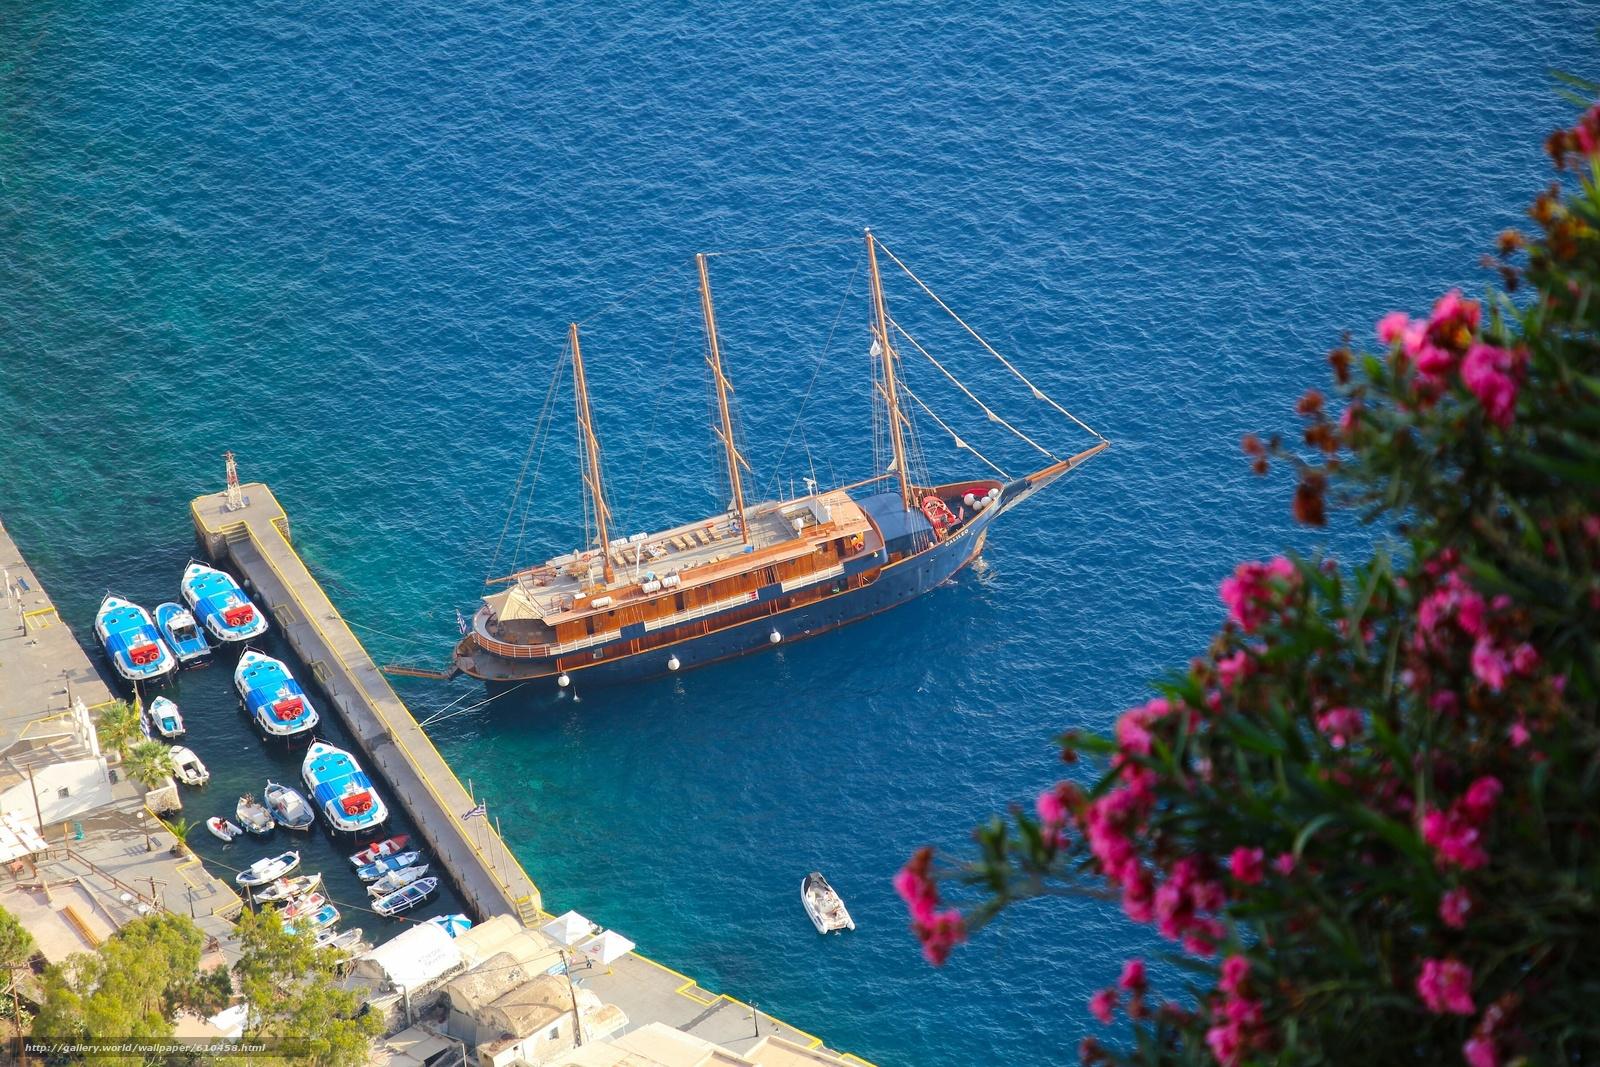 Скачать обои Oia,  Santorini,  Greece,  Aegean Sea бесплатно для рабочего стола в разрешении 3600x2400 — картинка №610458